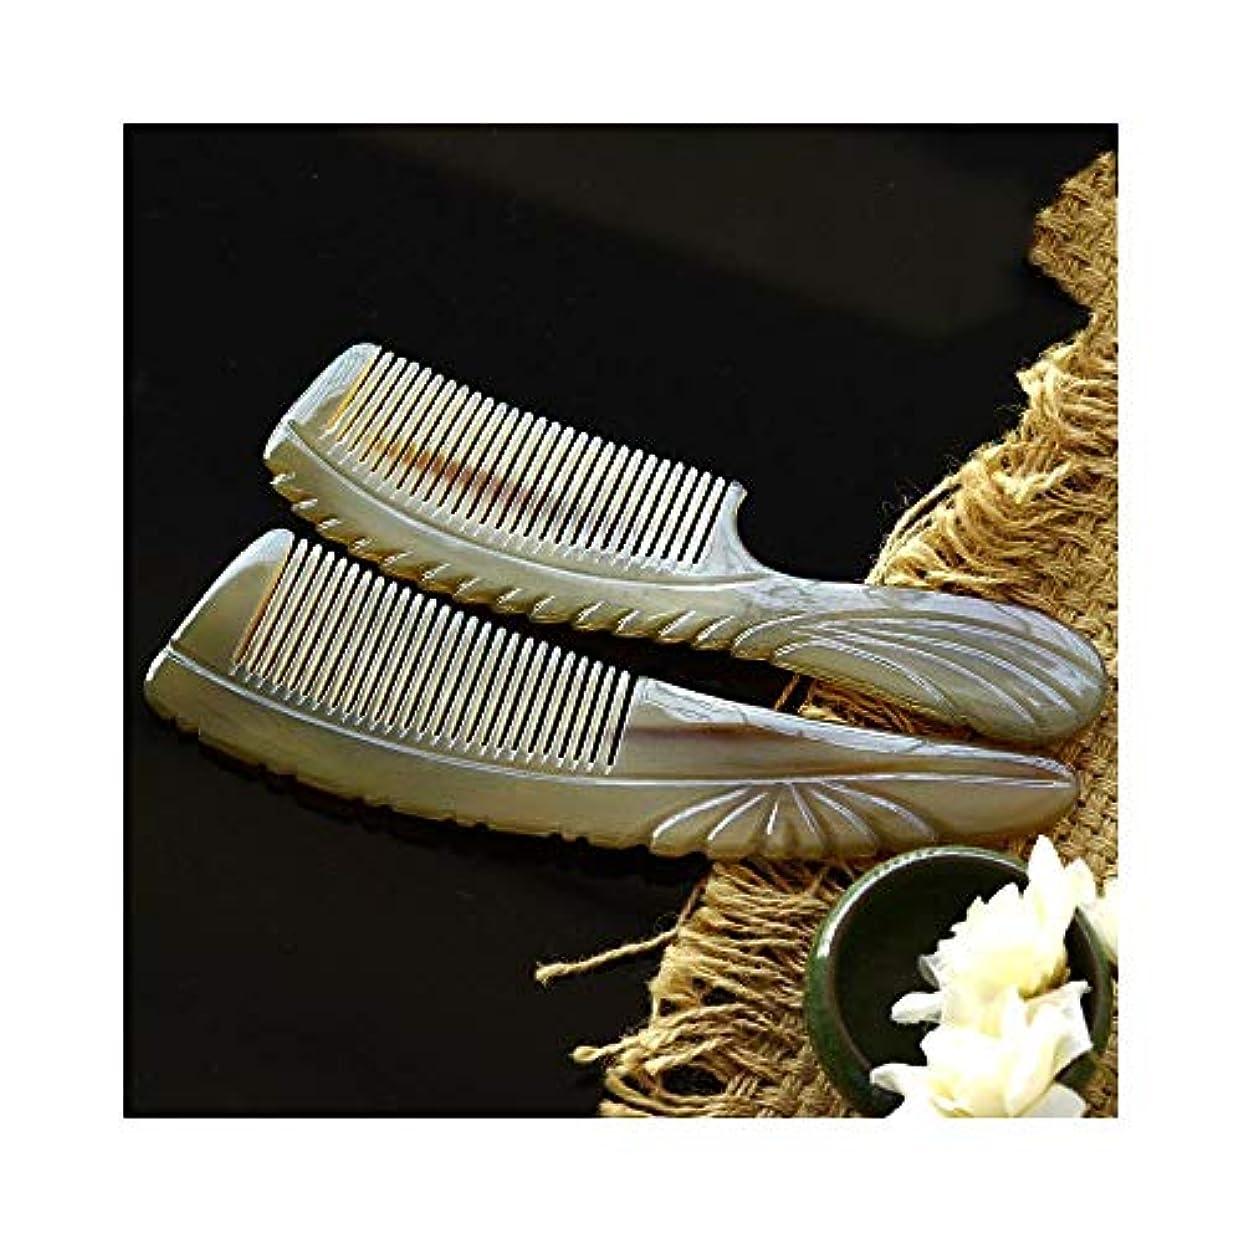 犯す固めるブラストFashianナチュラルバッファローホーン櫛歯ファインマッサージ静電気防止コーム ヘアケア